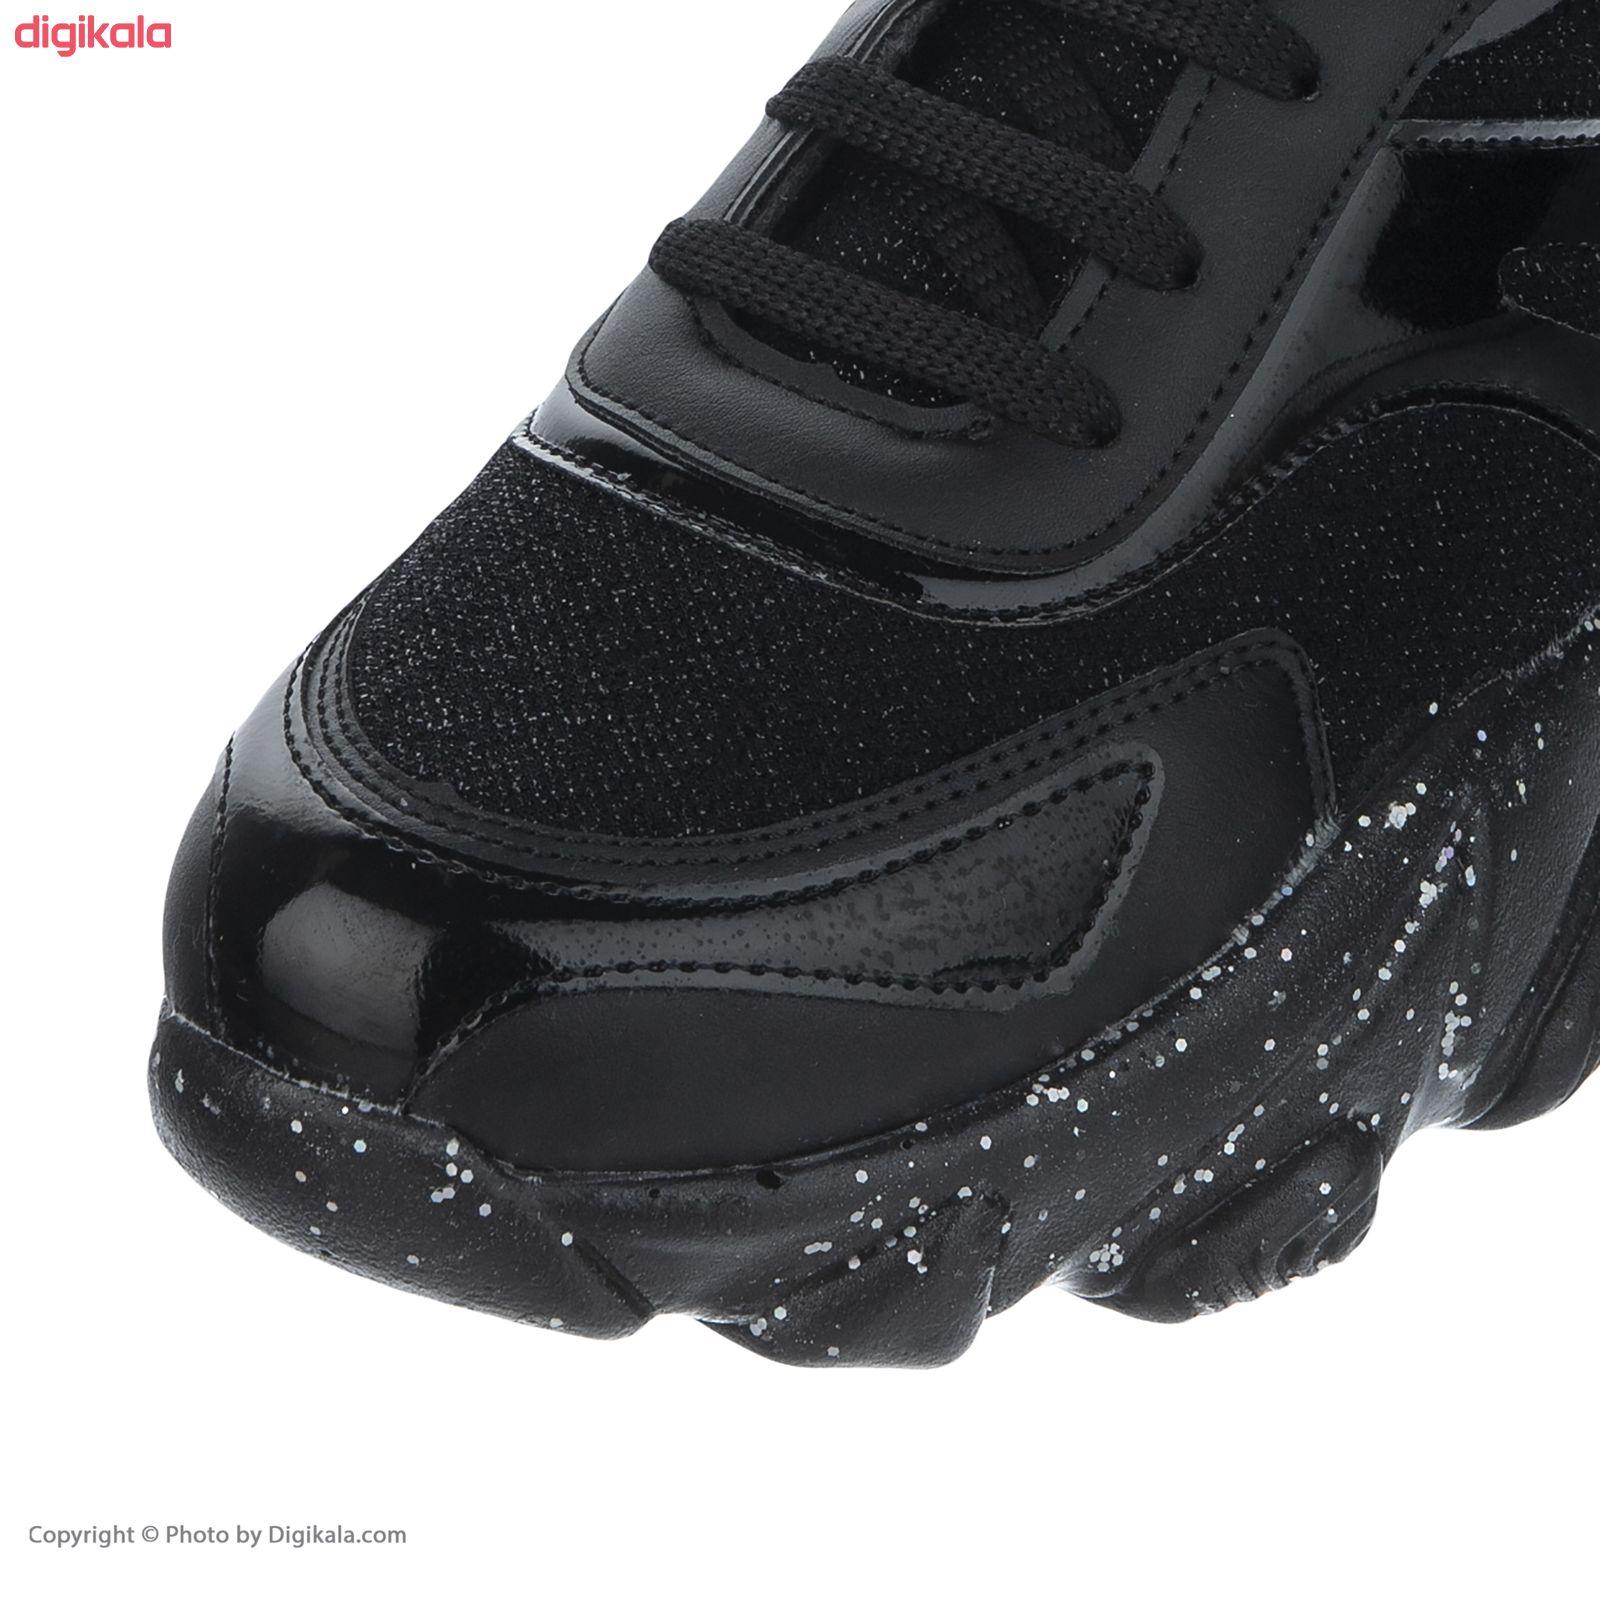 کفش مخصوص پیاده روی زنانه کد 9796 main 1 6